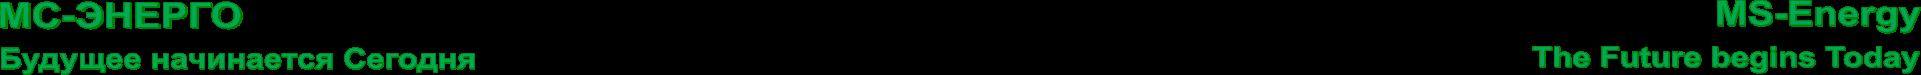 MS-Energy